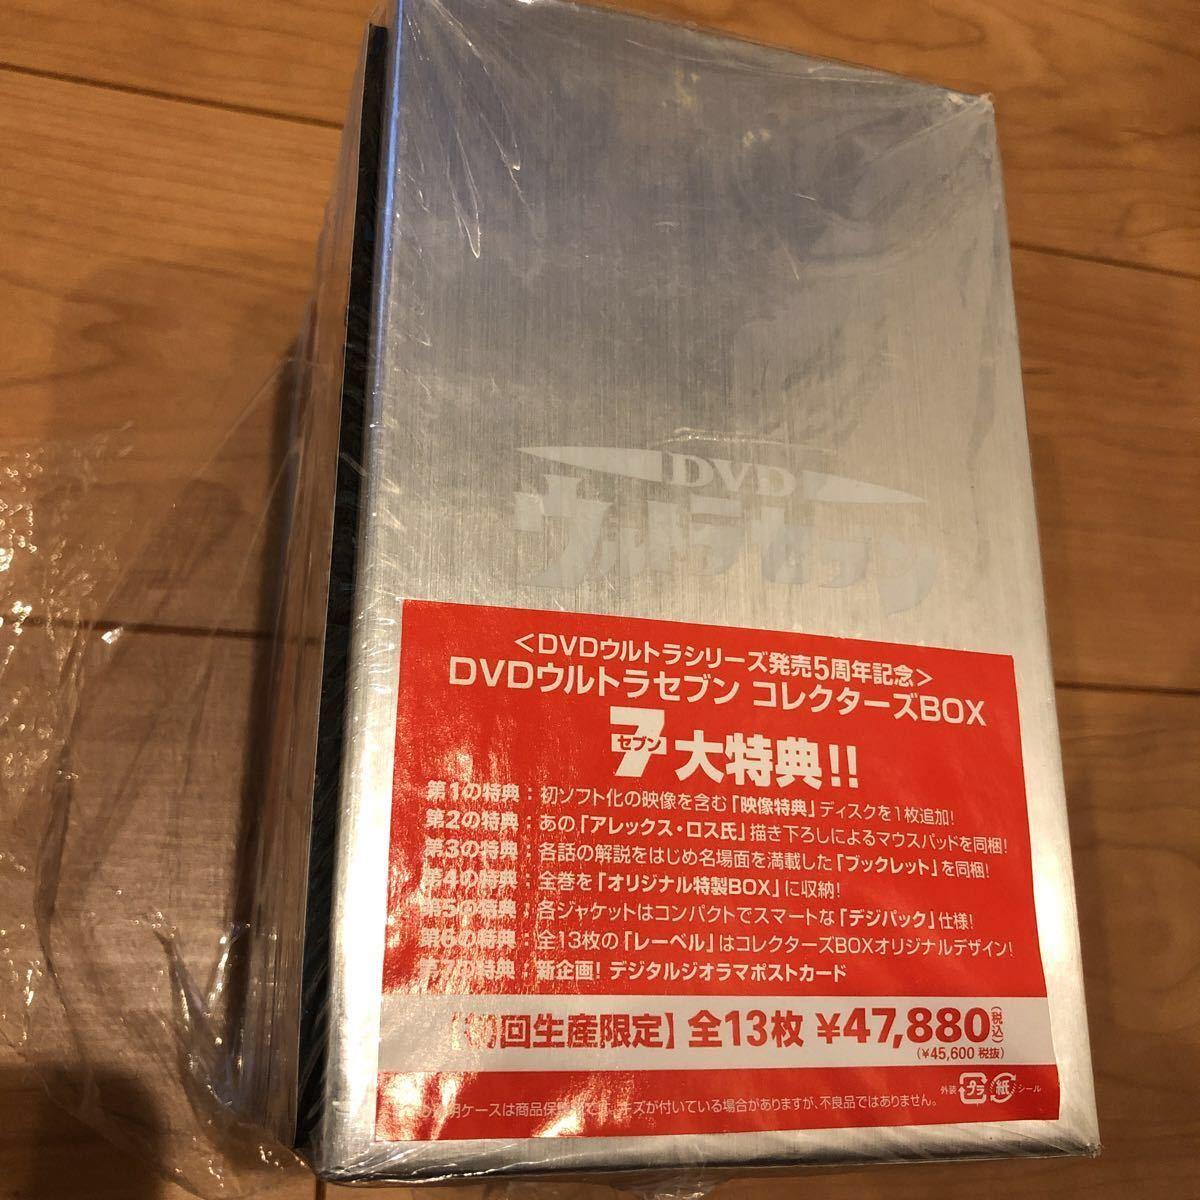 ウルトラセブン DVD BOX 初回生産限定版 ほぼ新品